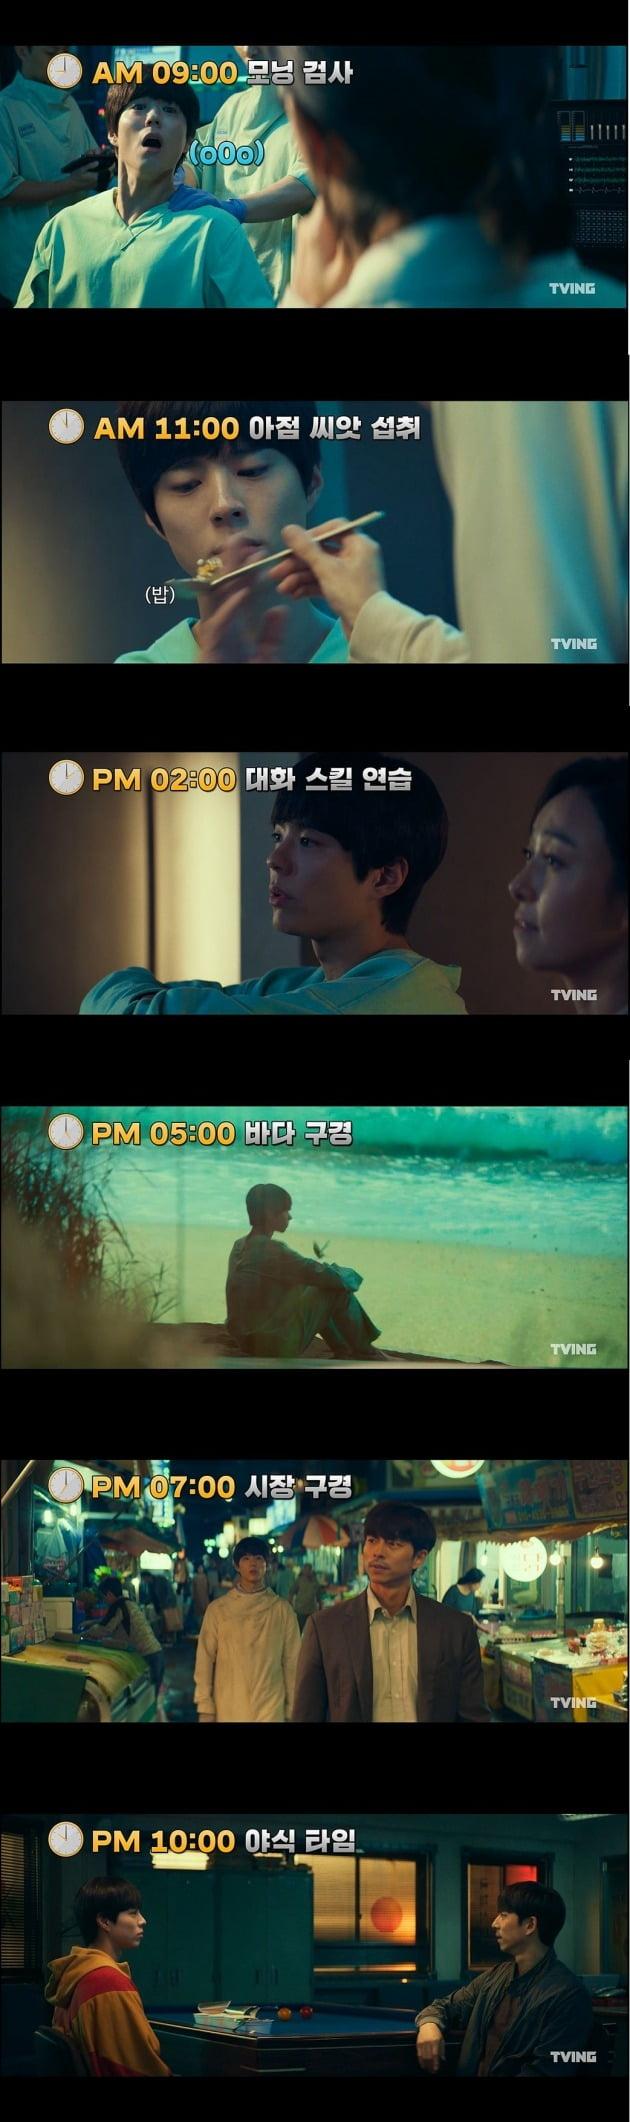 영화 '서복'의 '서복의 하루'를 소개하는 영상이 공개됐다. / 사진제공=CJ ENM